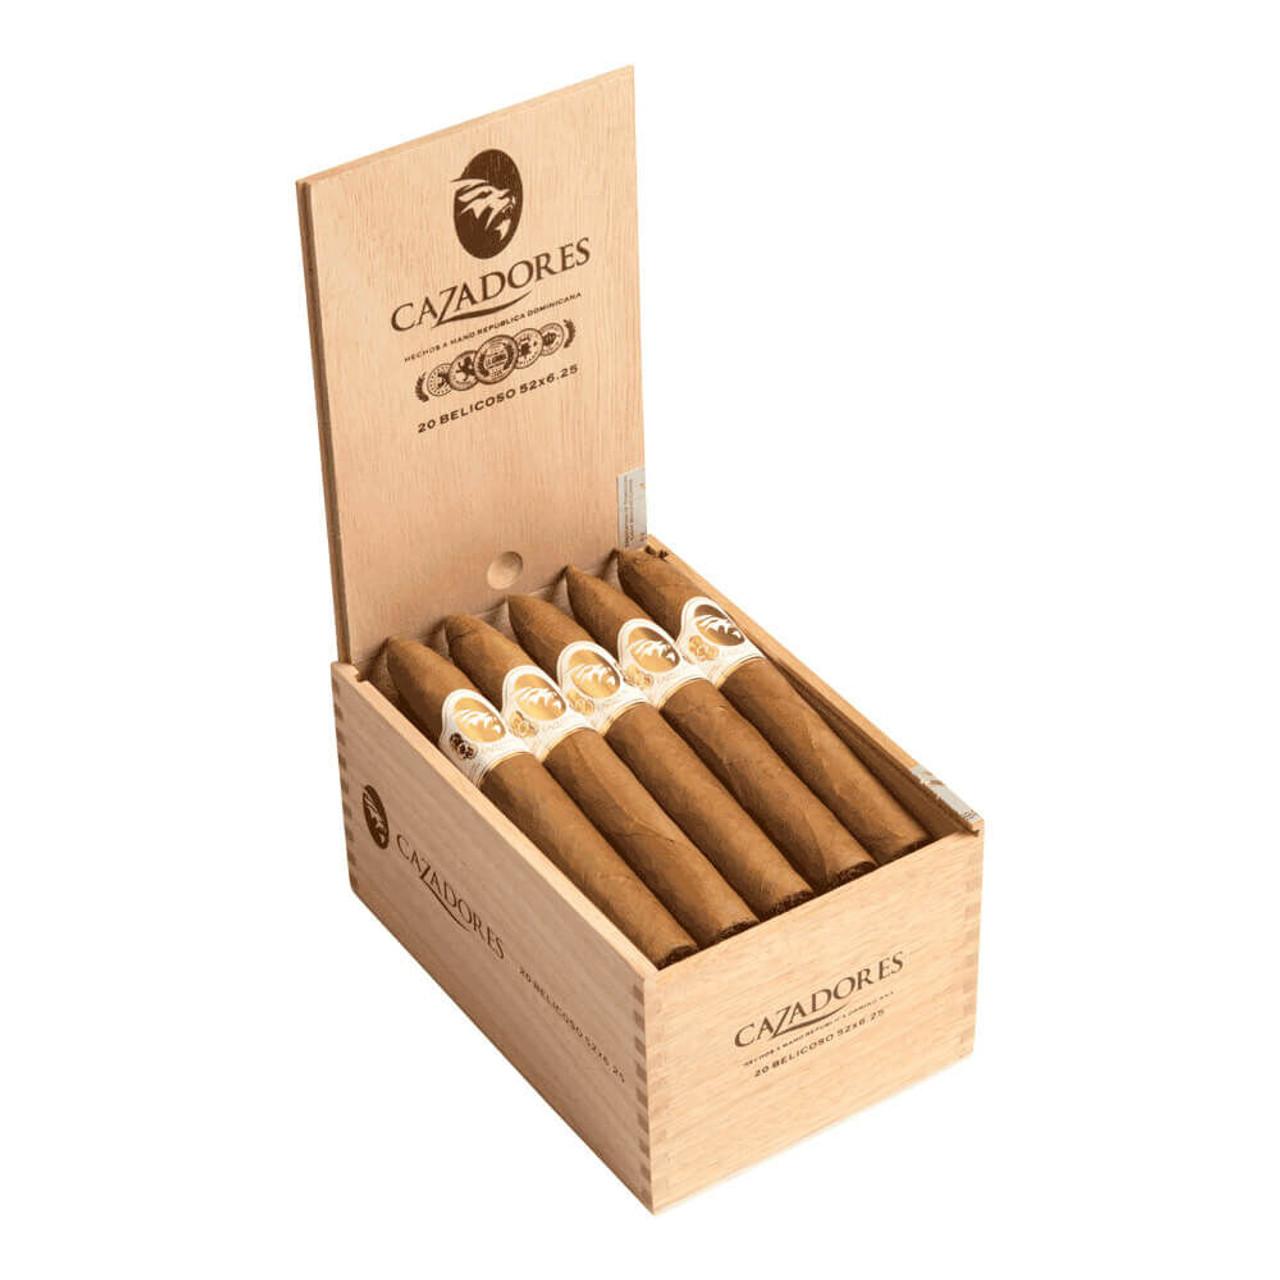 Cazadores by La Aurora Belicoso Cigars - 6.25 x 52 (Box of 20)